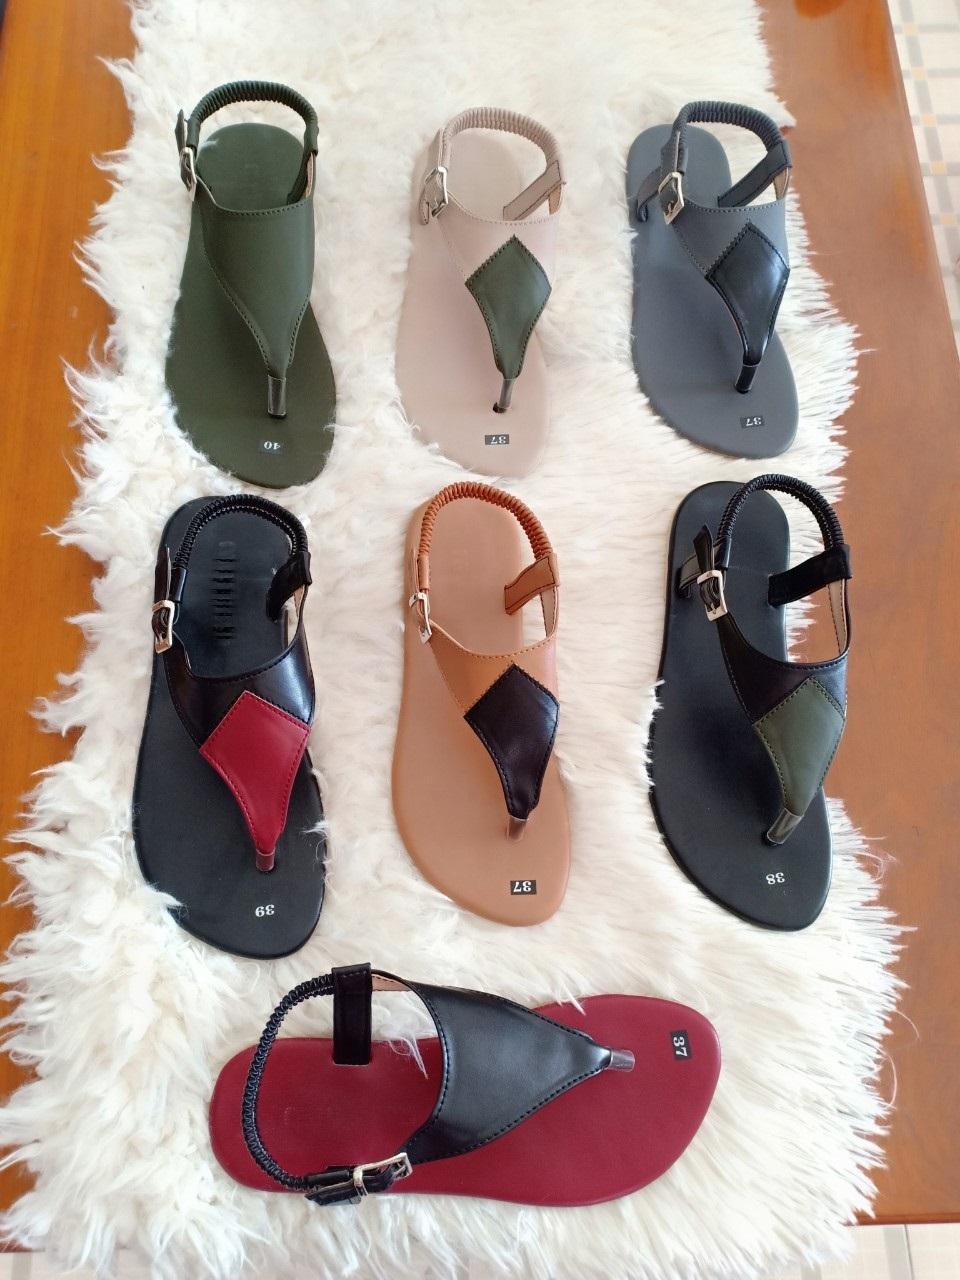 Sandal đế Thấp Siêu Bền Có Size Lớn | Sz 35-41 Giảm Cực Hot